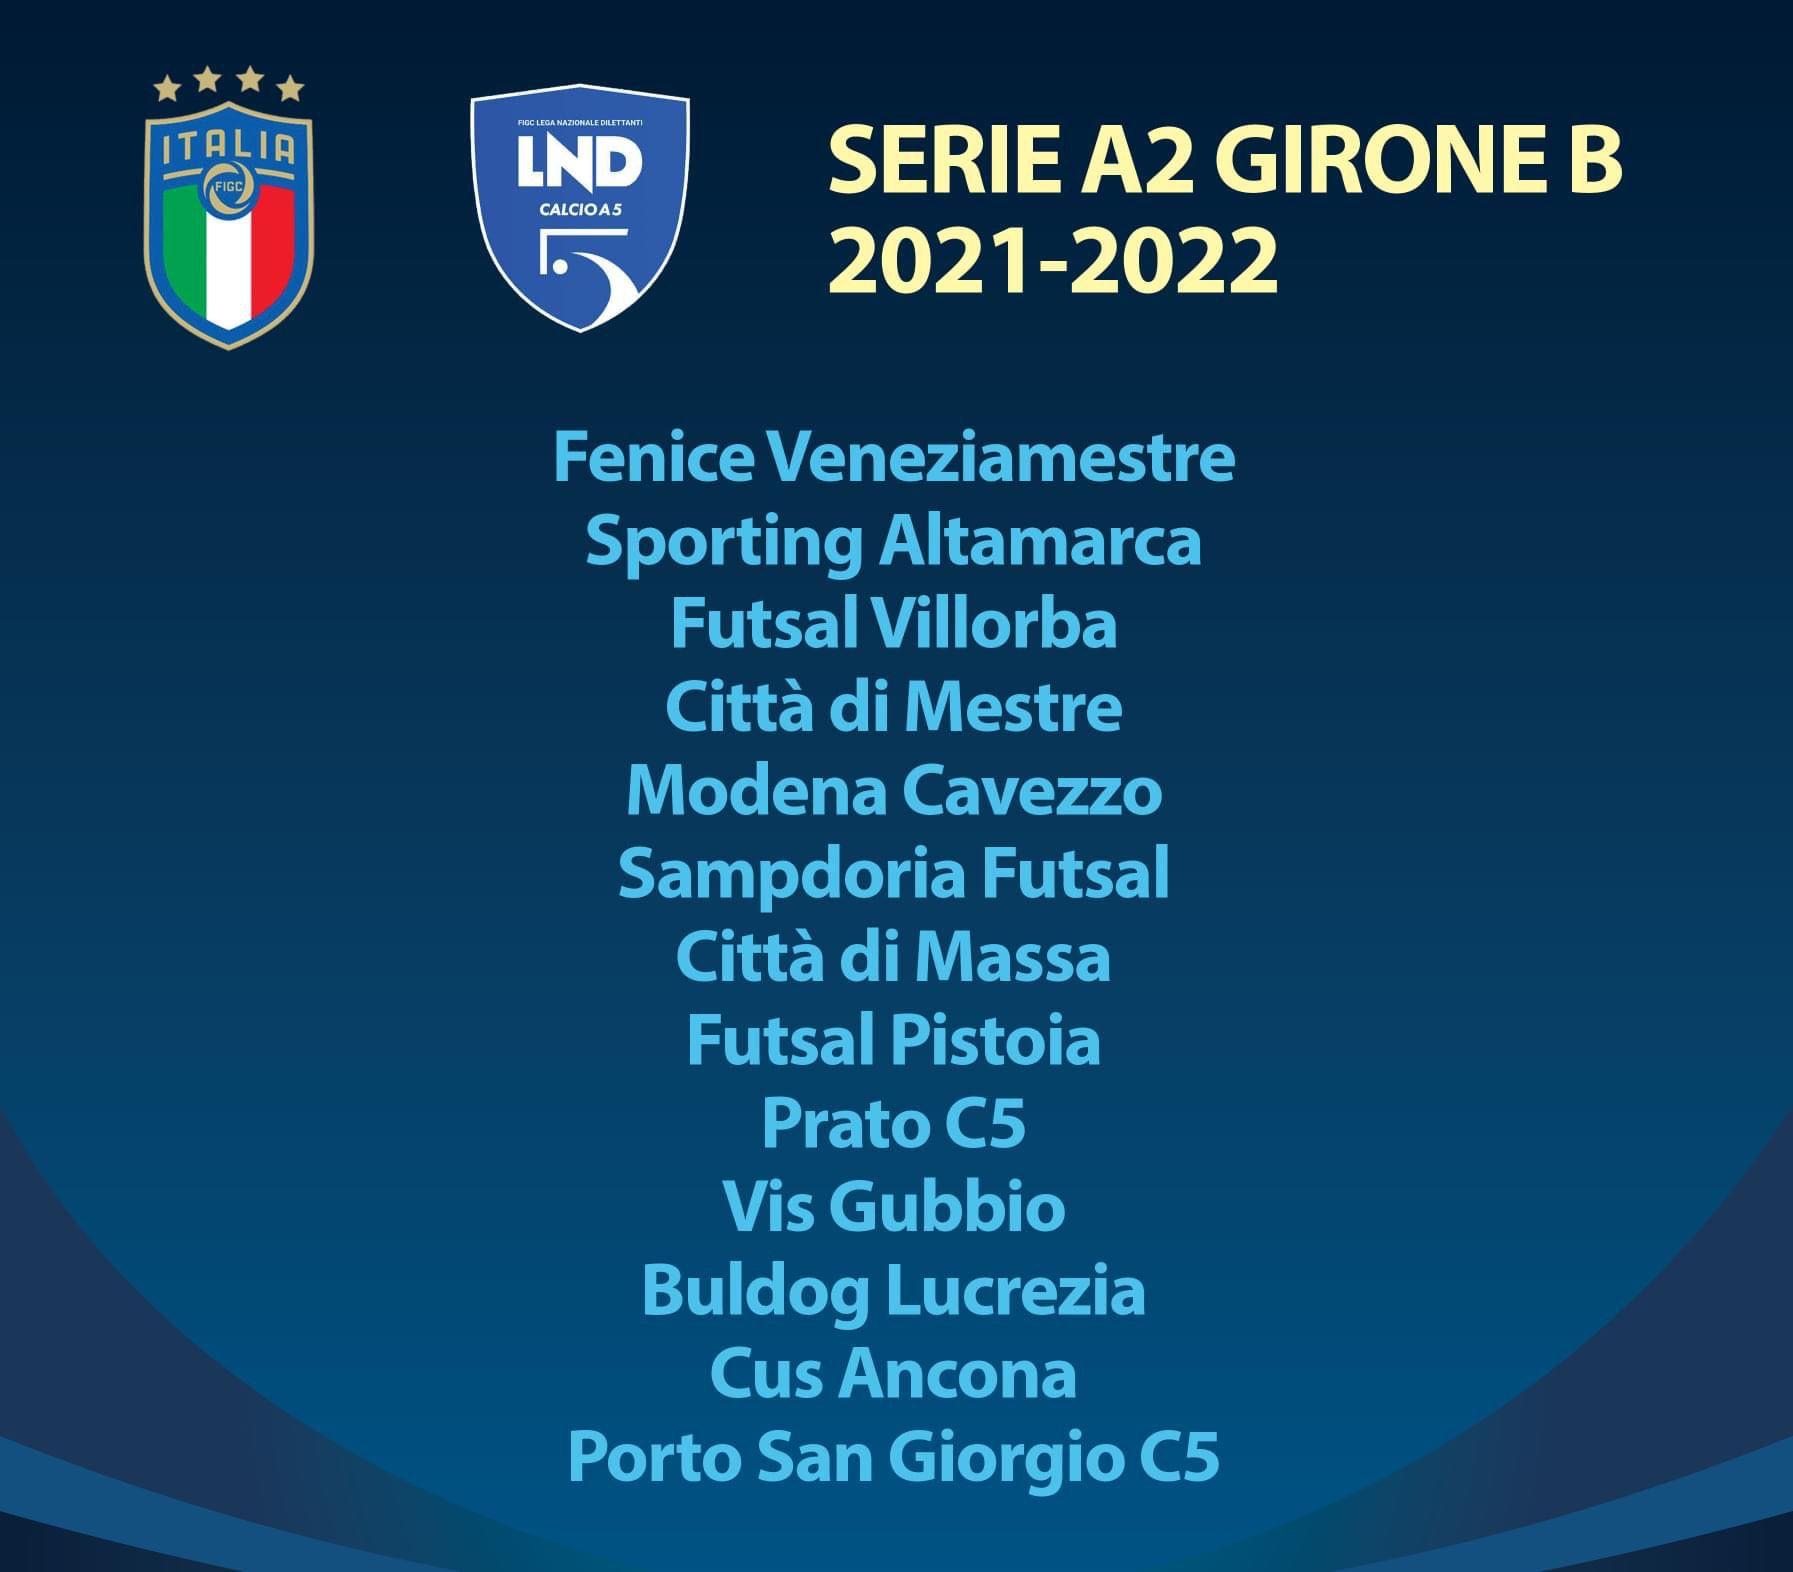 Serie A2 Girone B 2021/2022